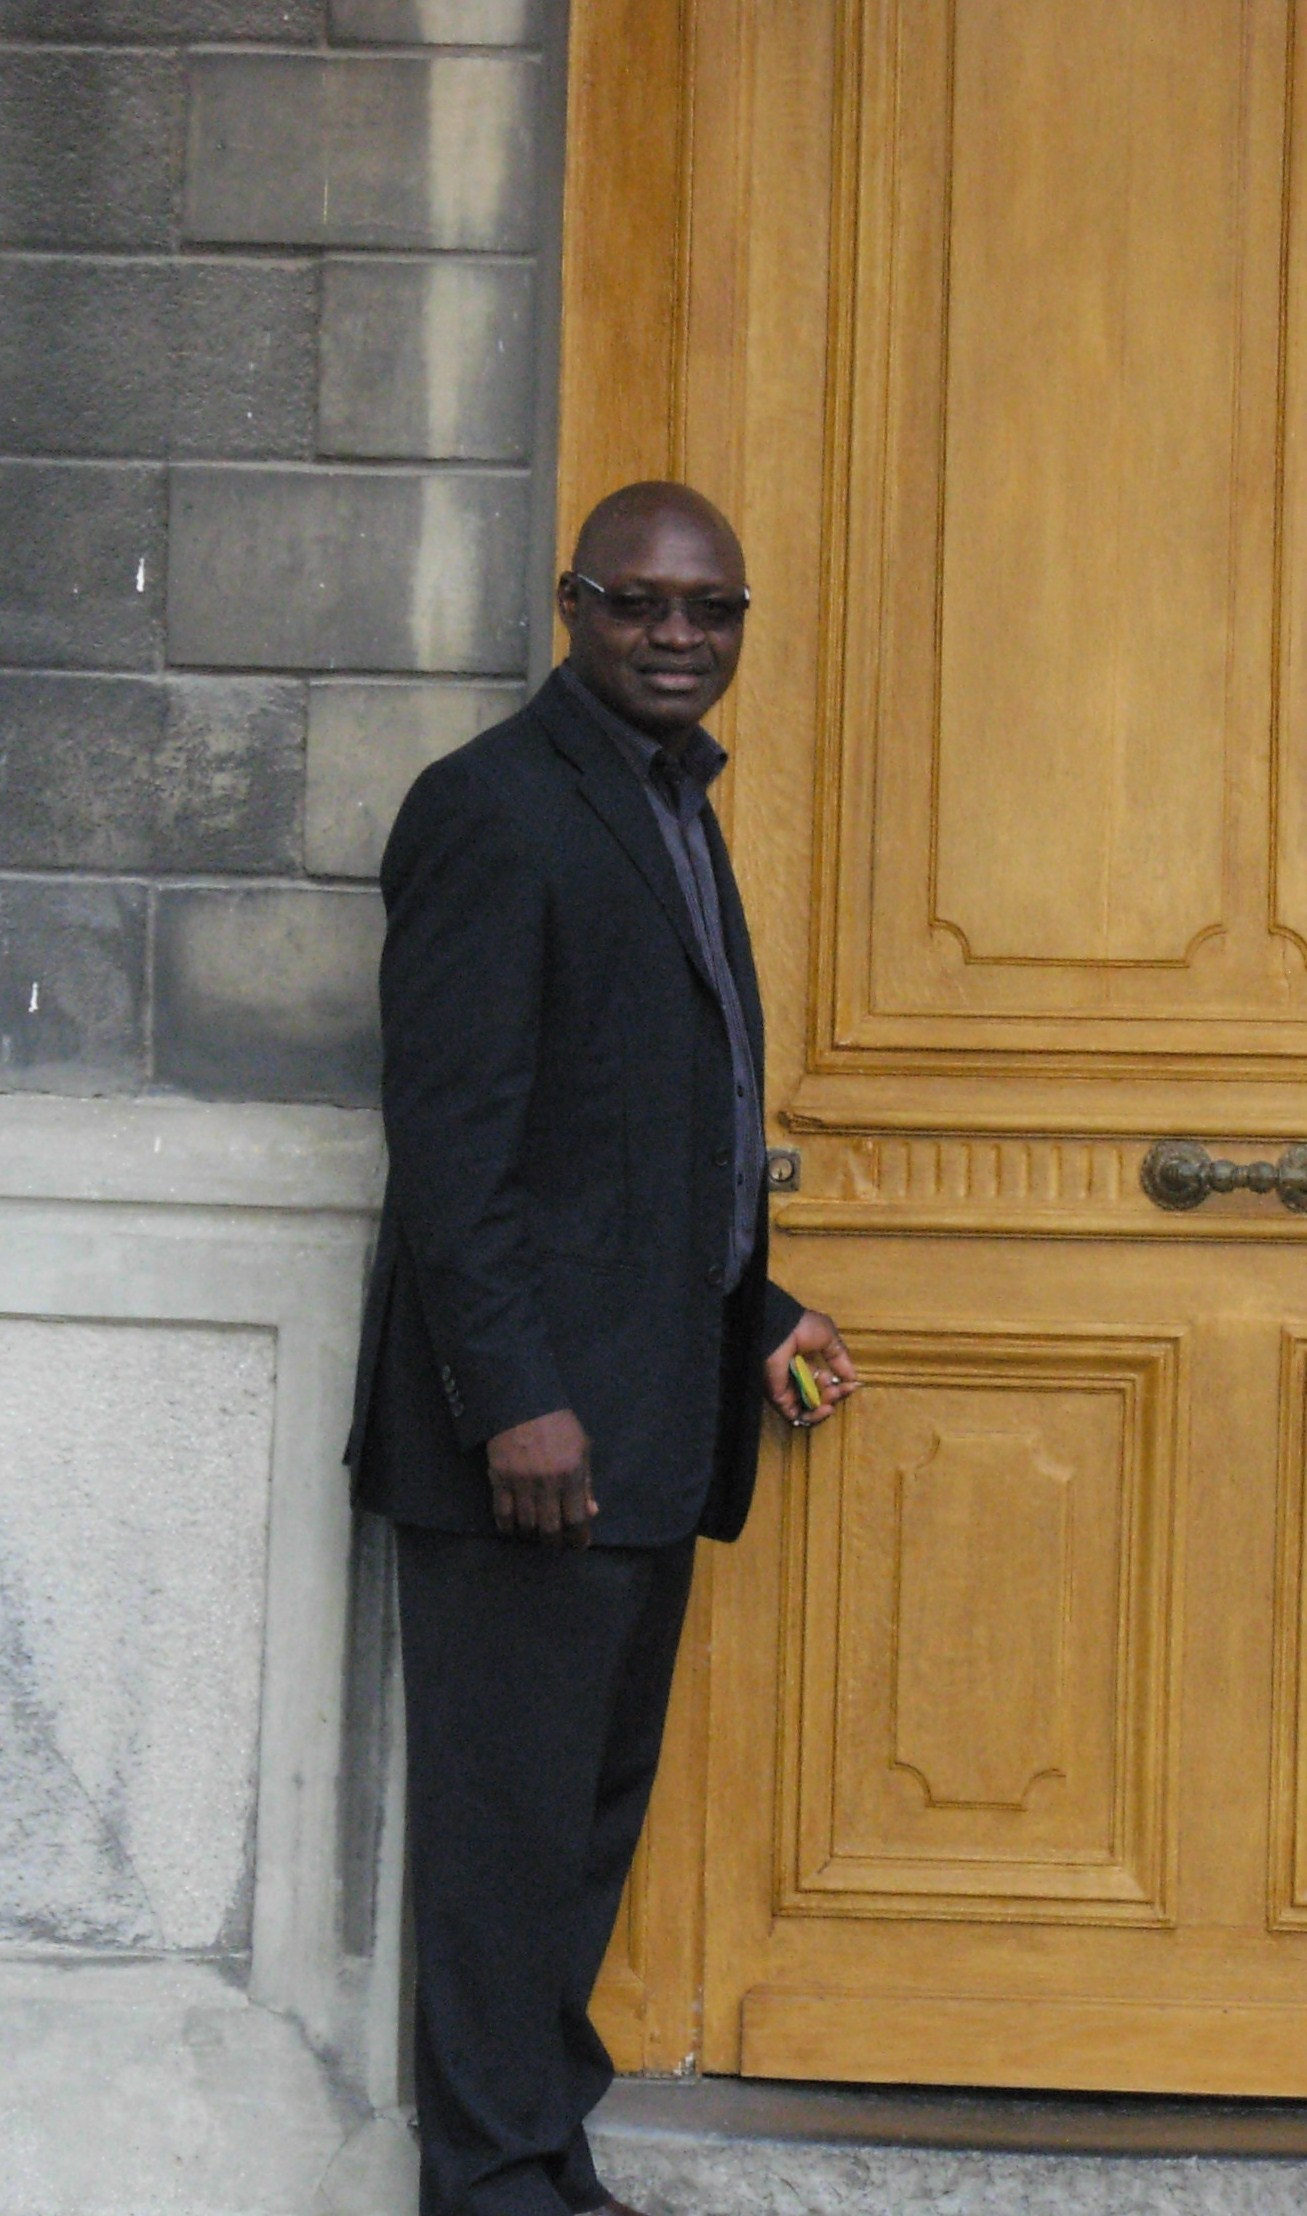 arrivée au presbytère de Condé juillet 2011